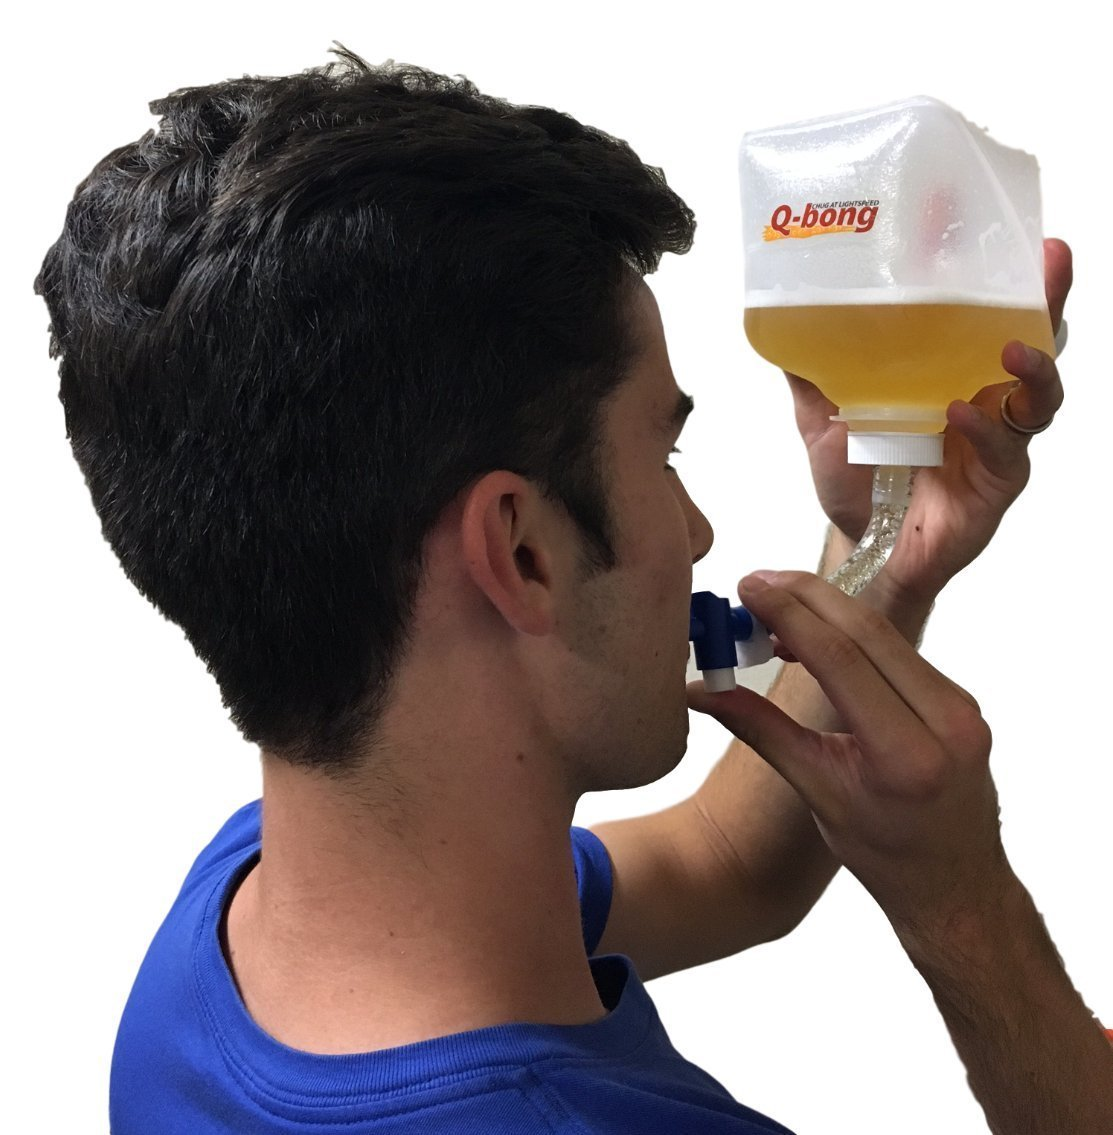 pivnoy-bong